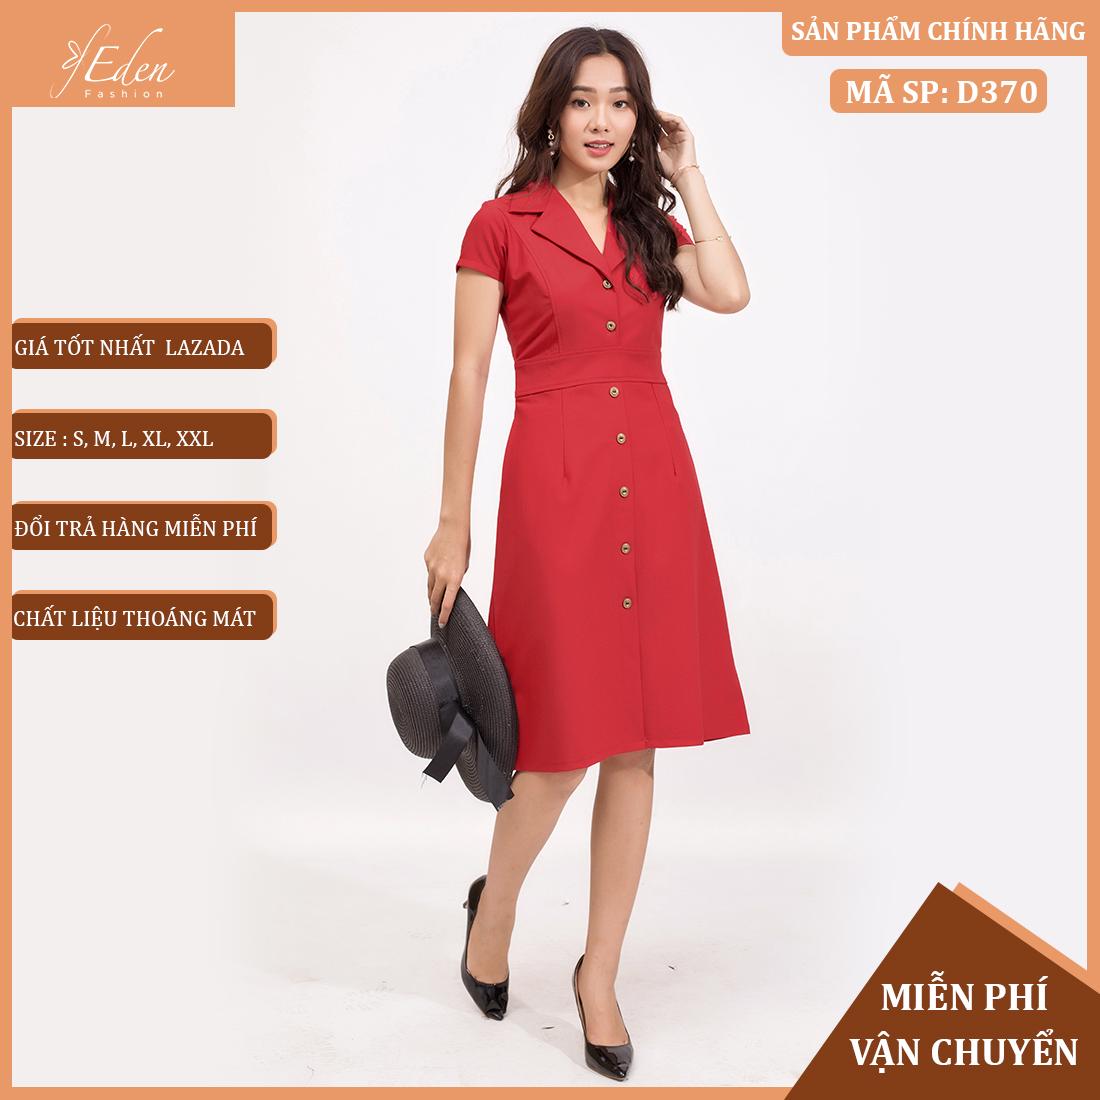 Váy Nữ Công Sở Thời Trang Eden Cổ Bẻ DanTon Thanh Lịch - D370